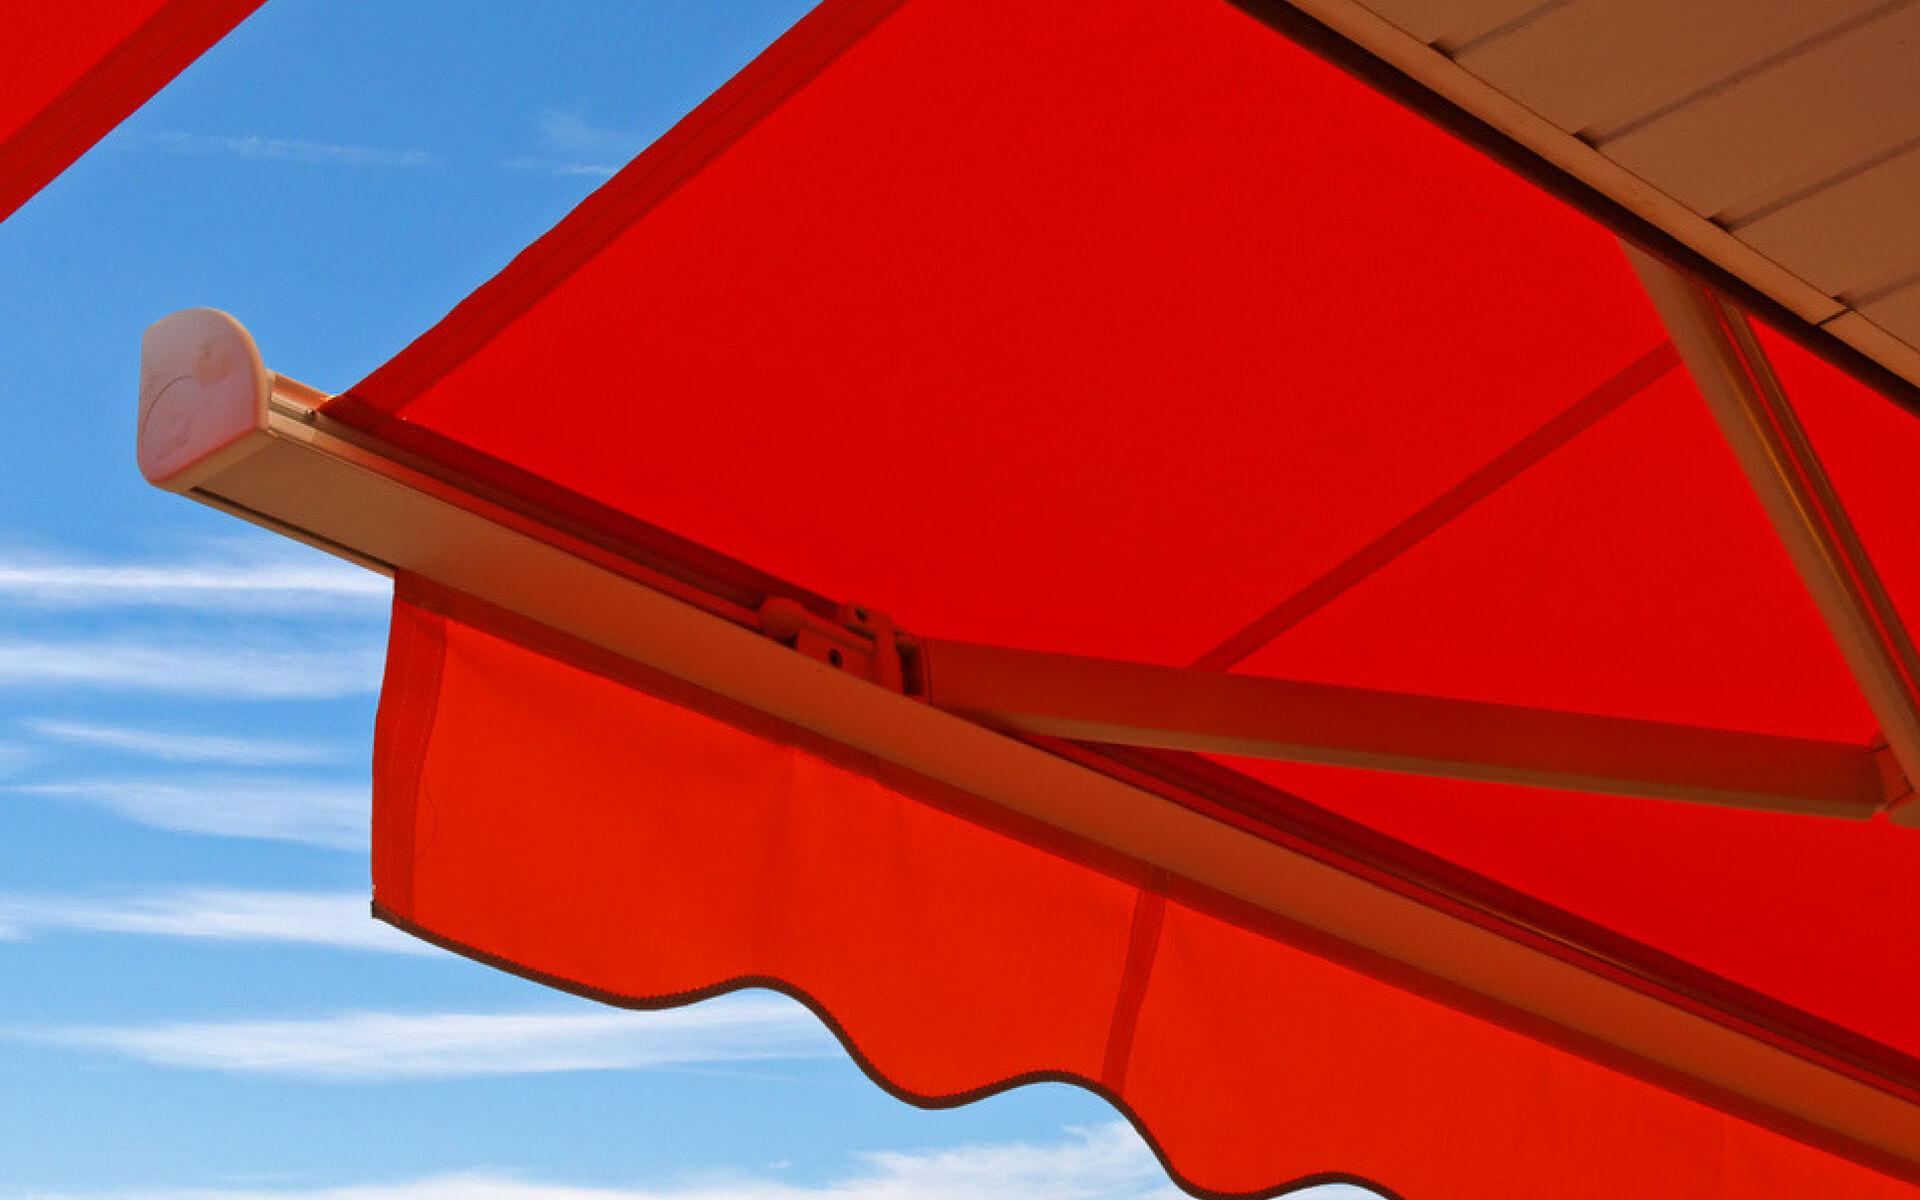 E' possibile realizzare alcune tipologie di tende da sole e gazebo senza bisogno di richiedere l'autorizzazione paesaggistica